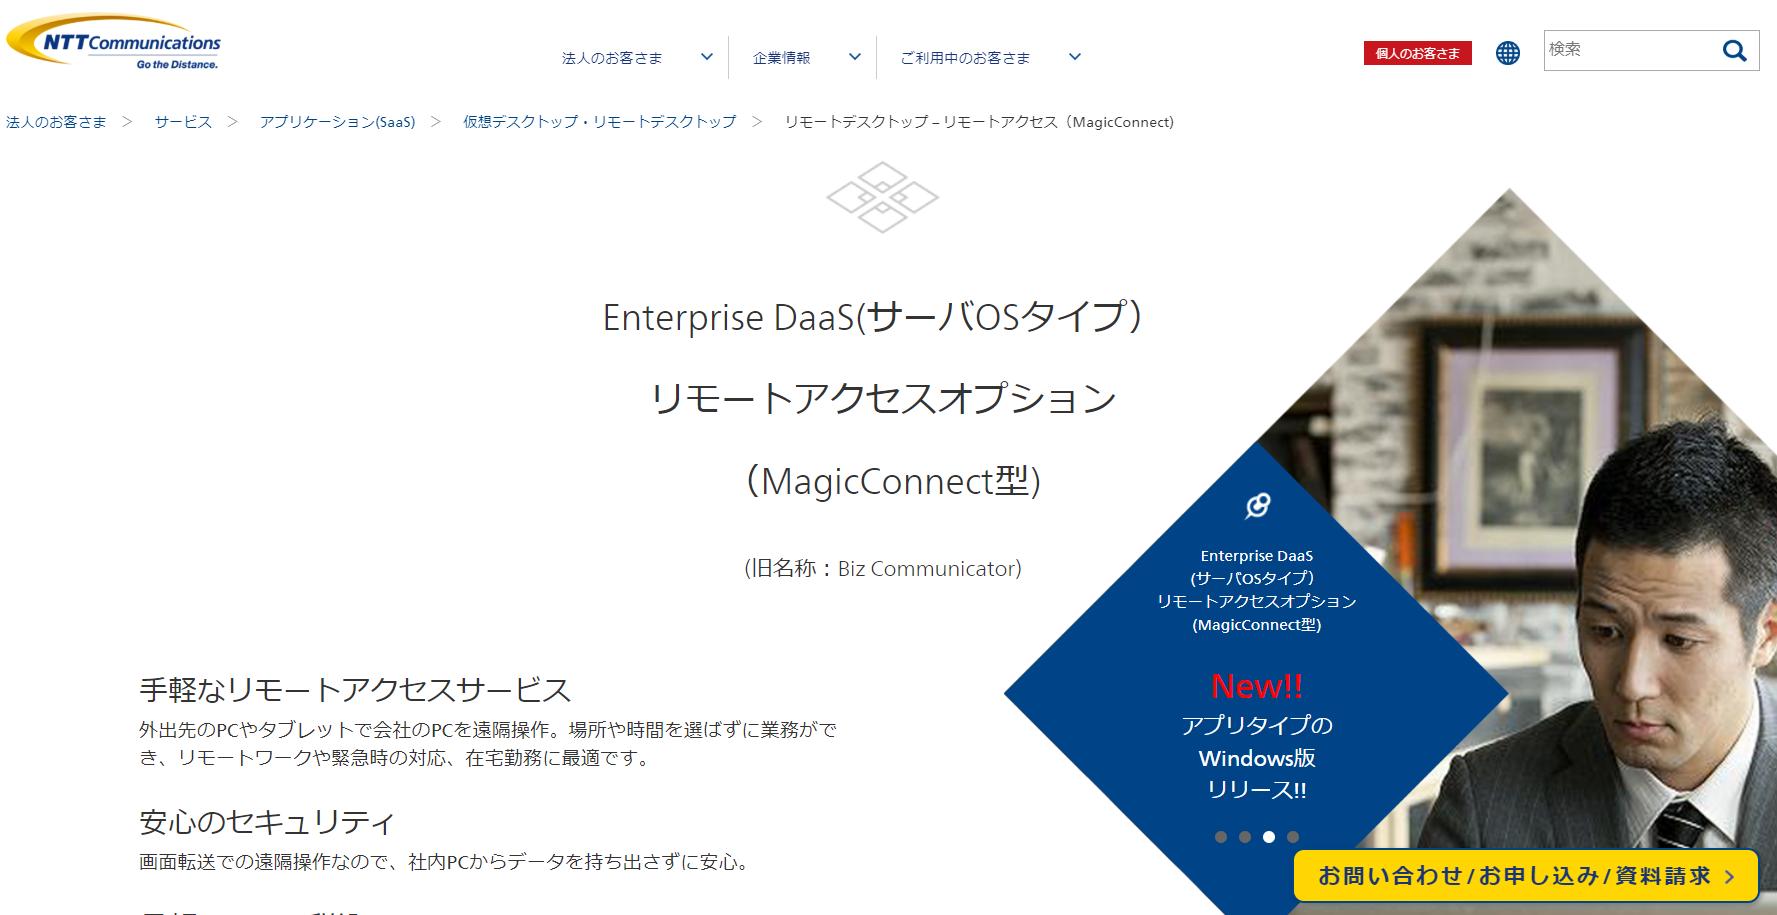 Enterprise DaaS リモートアクセスオプション